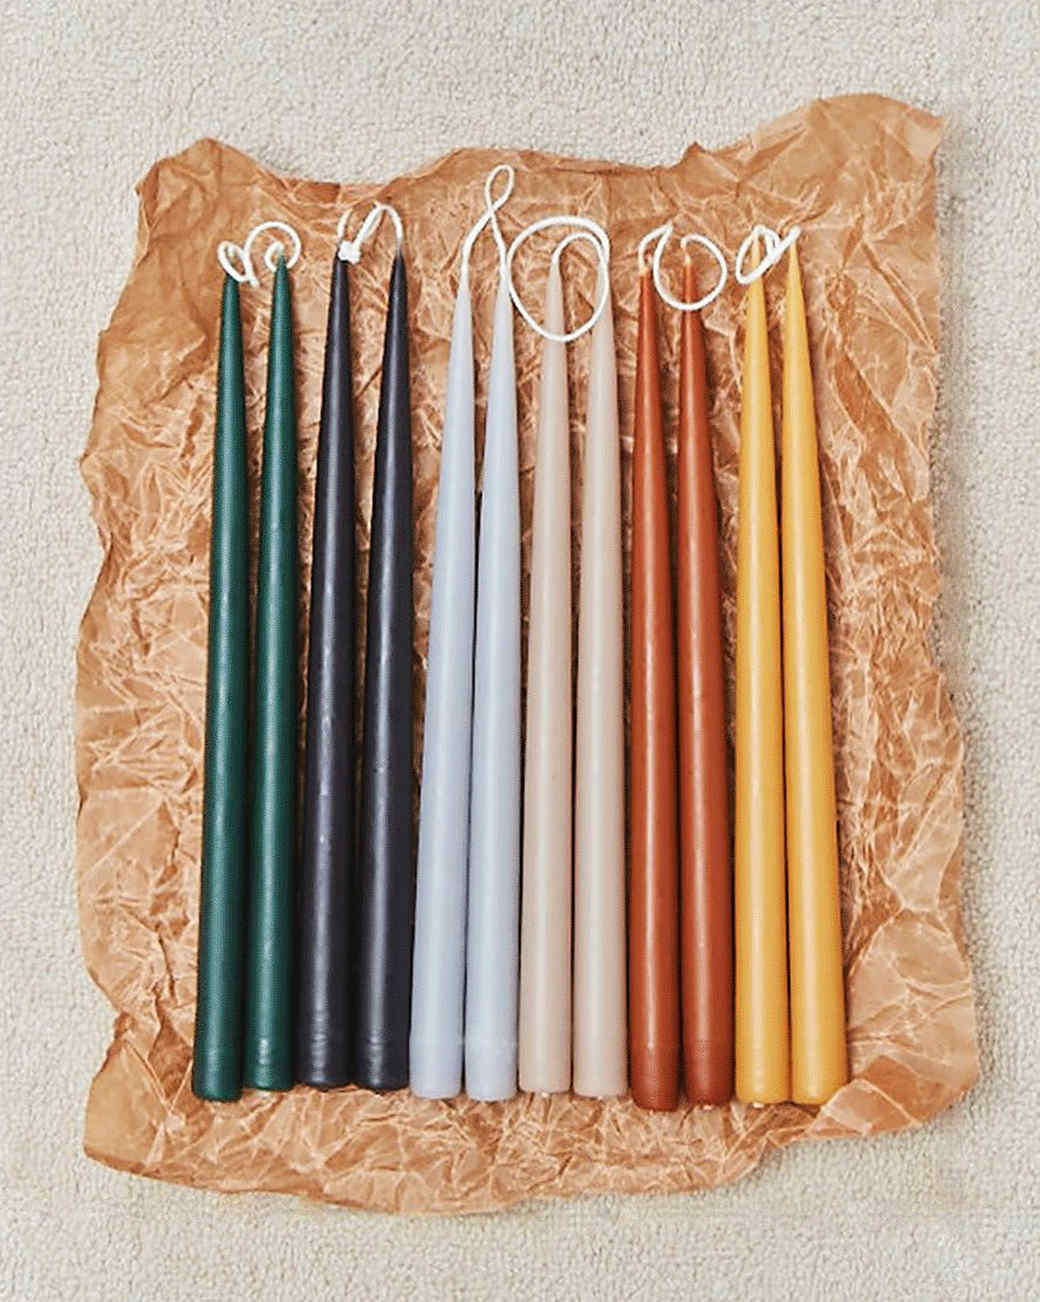 danica candle sticks